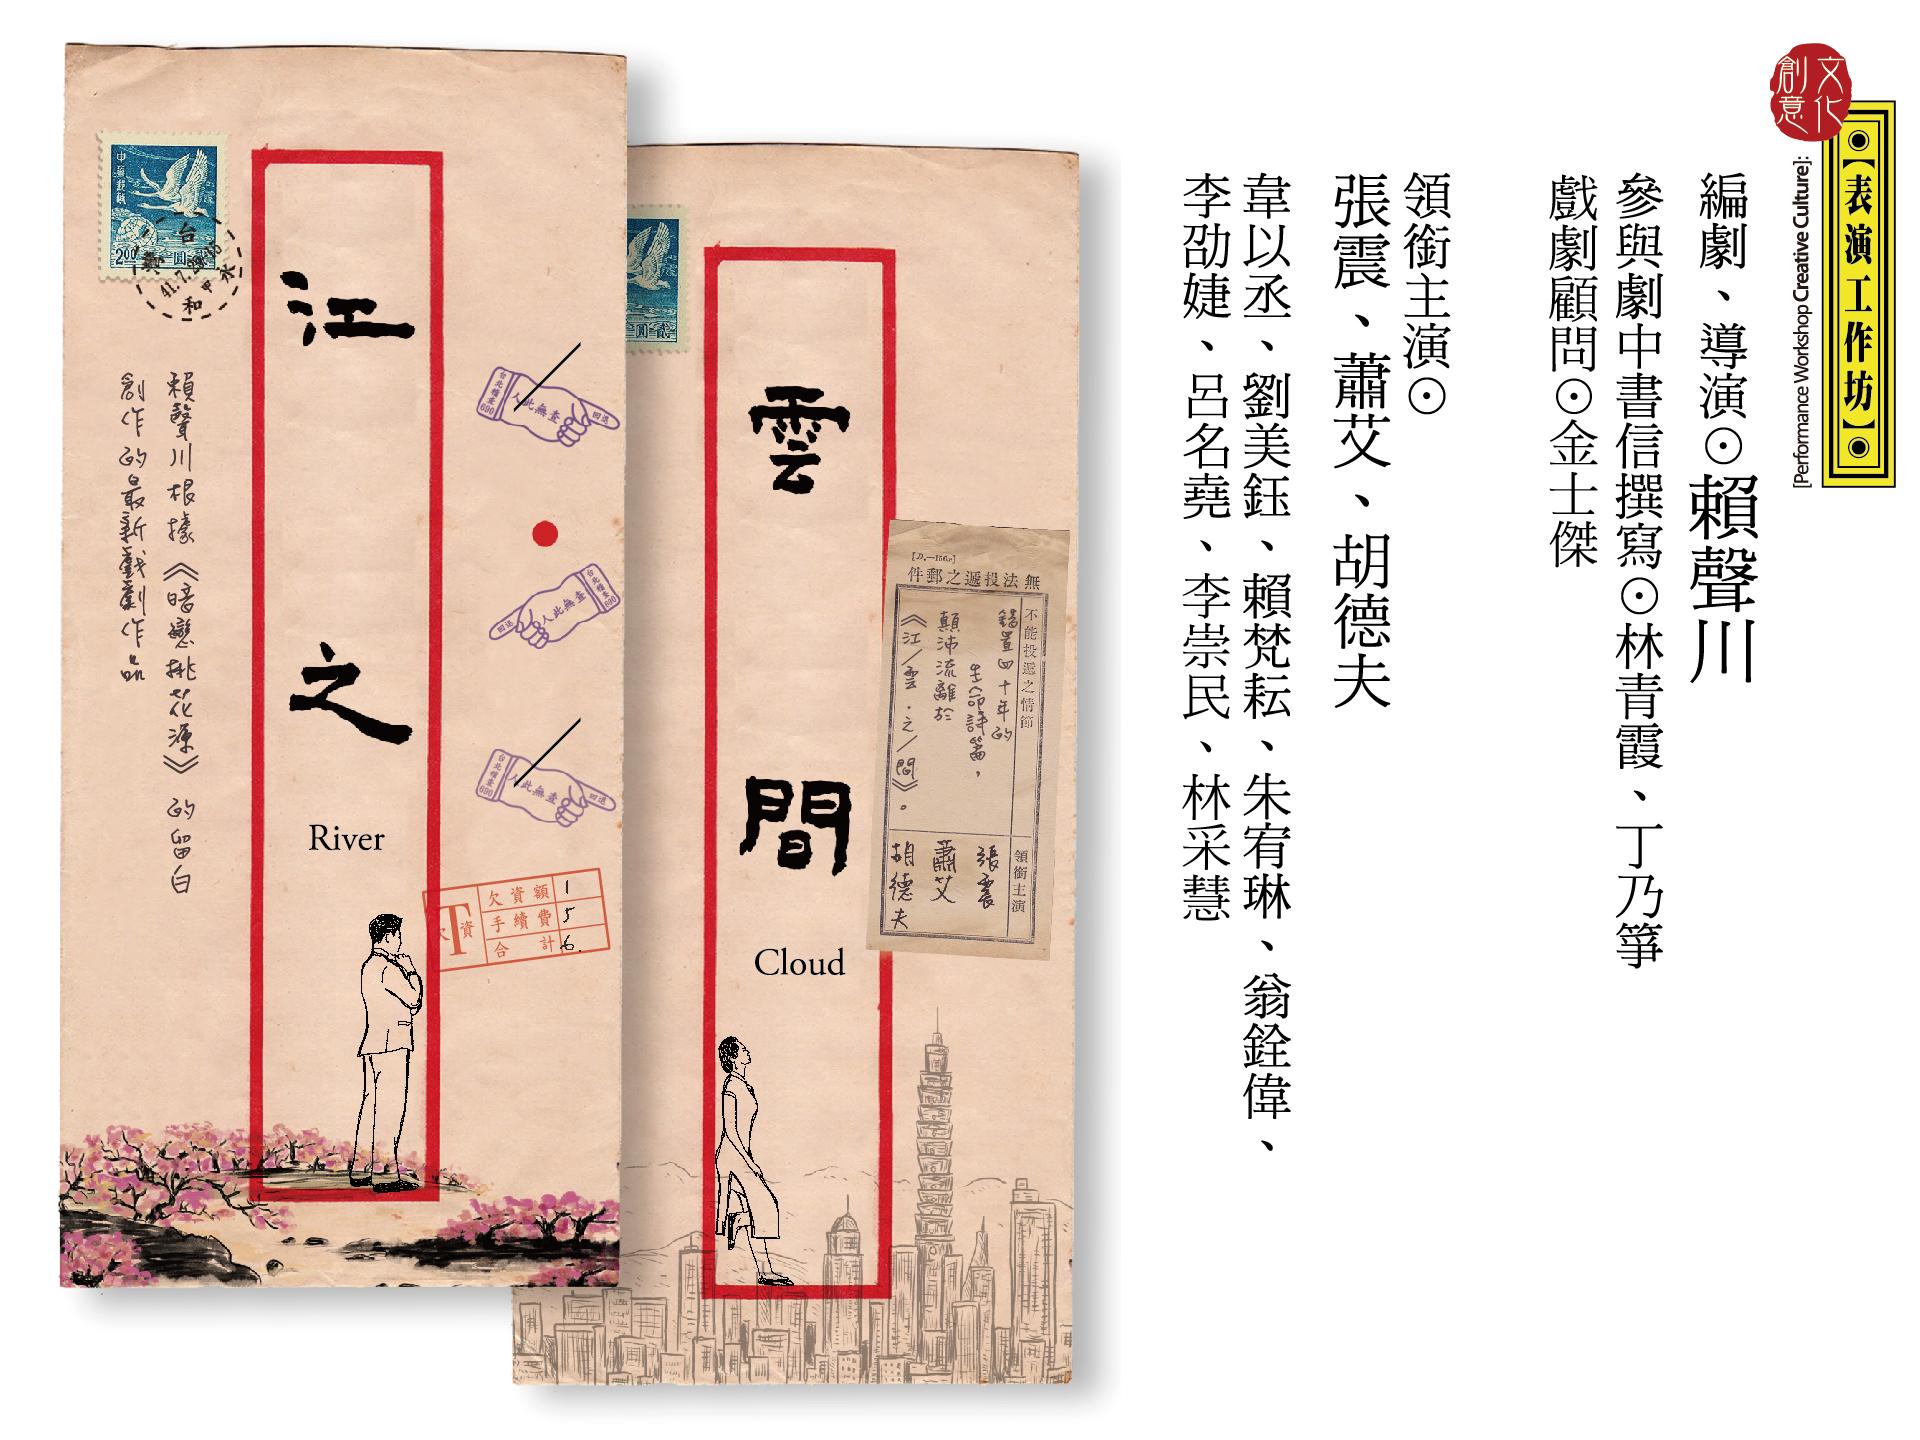 江雲之間1920X1440-表-05-01